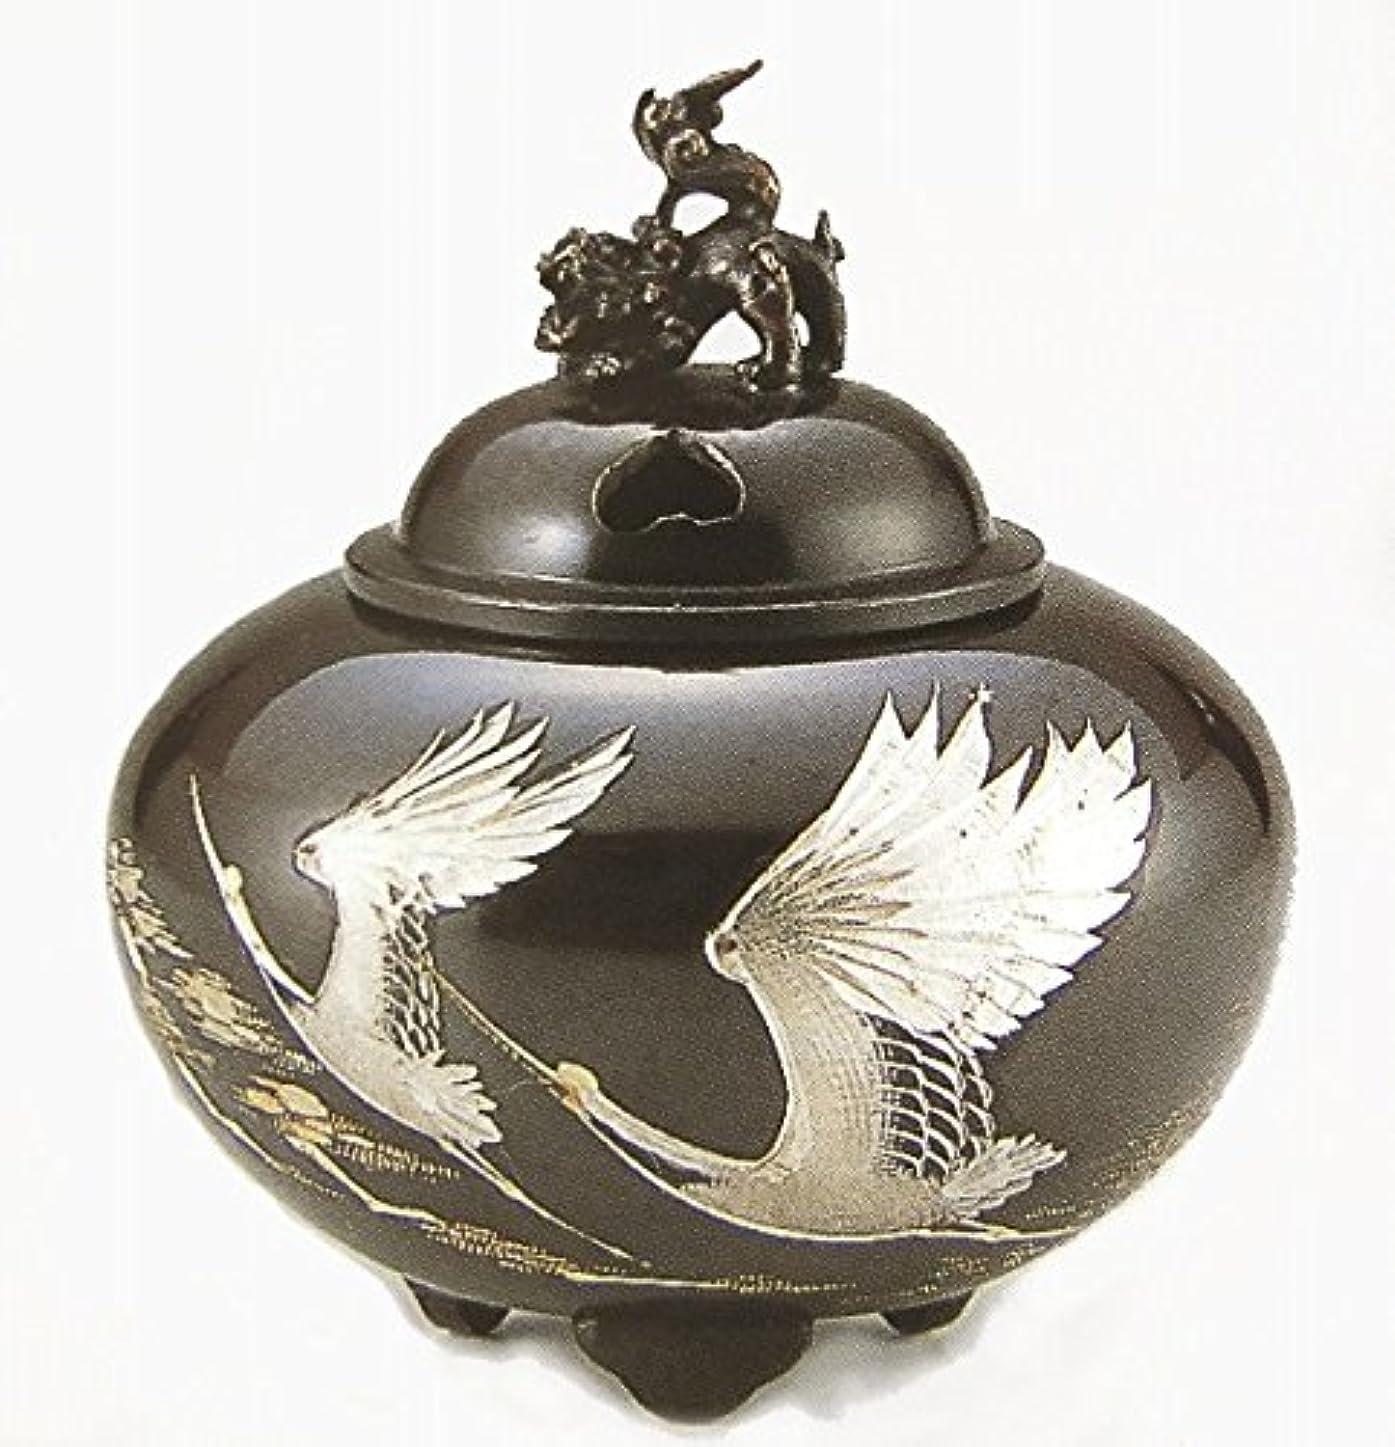 衝突するヘルパードラム『平丸獅子蓋香炉?双鶴』銅製